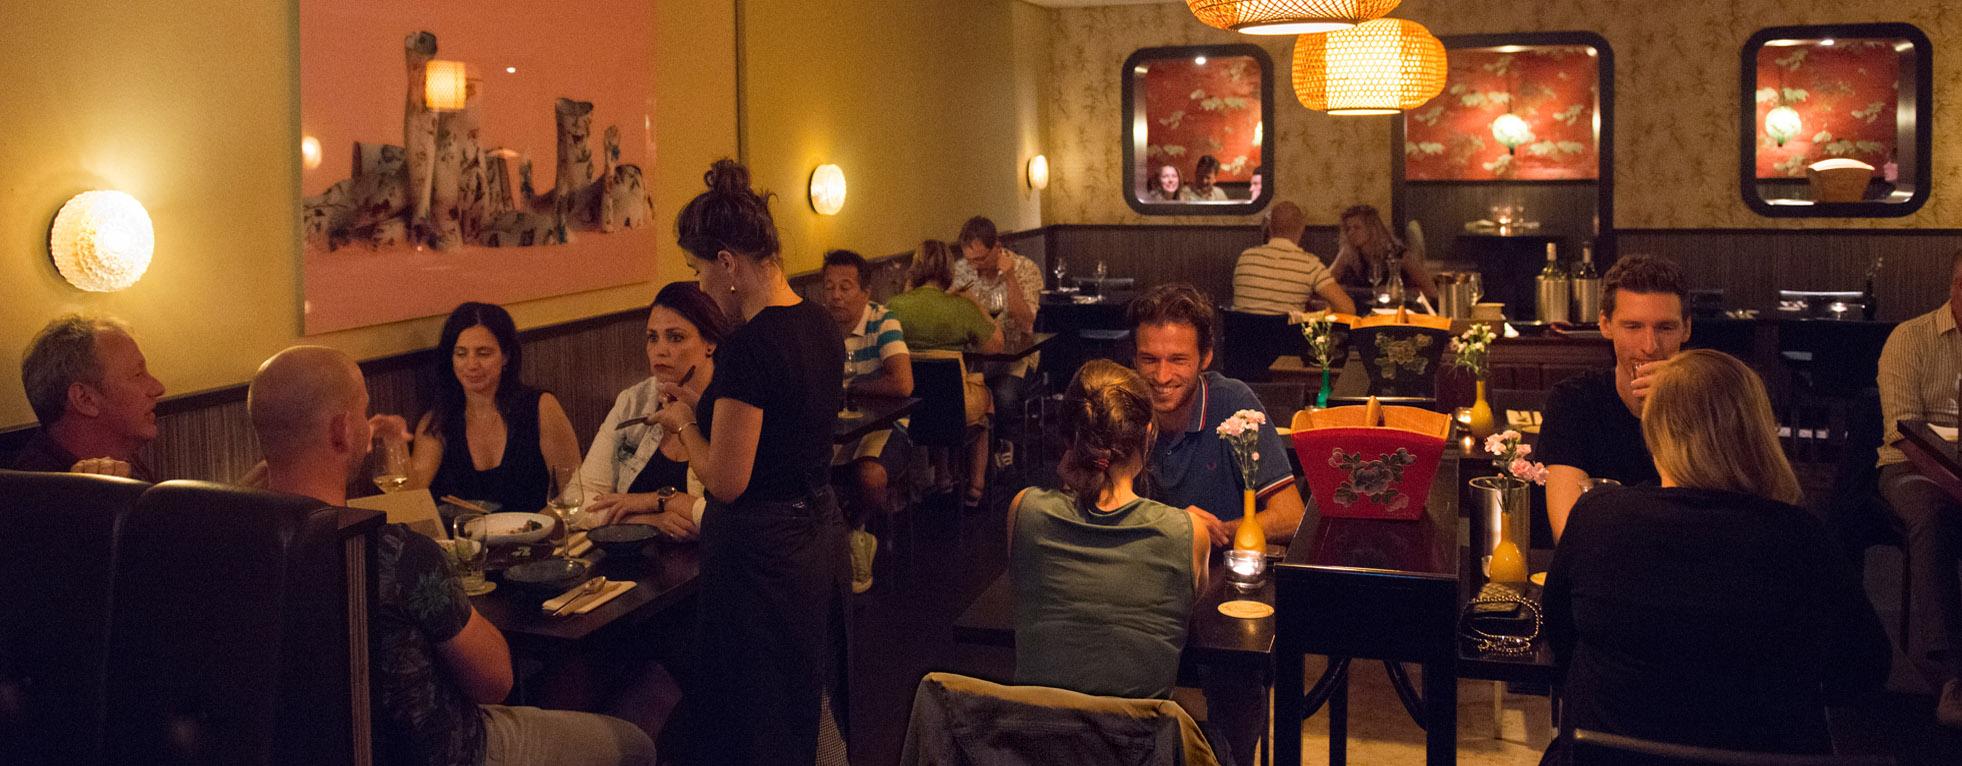 Aziatisch restaurant utrecht jasmijn ik - Aziatisch restaurant lorient ...